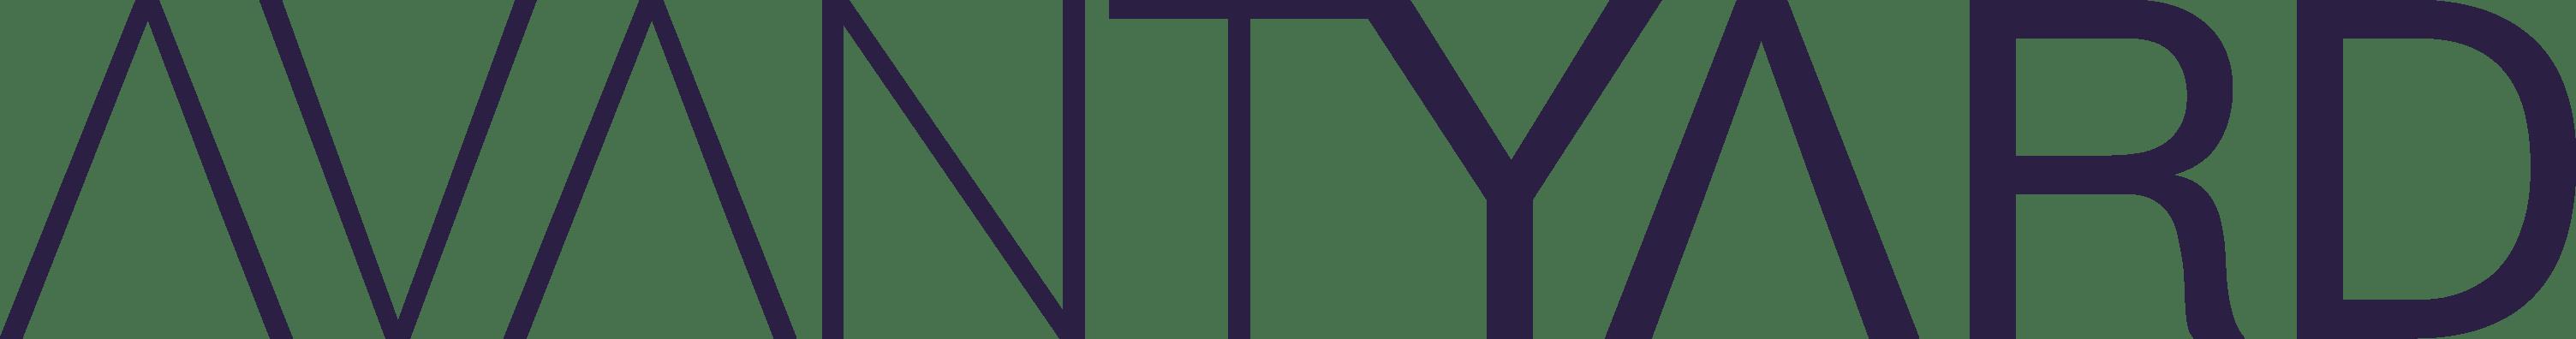 Avantyard company logo